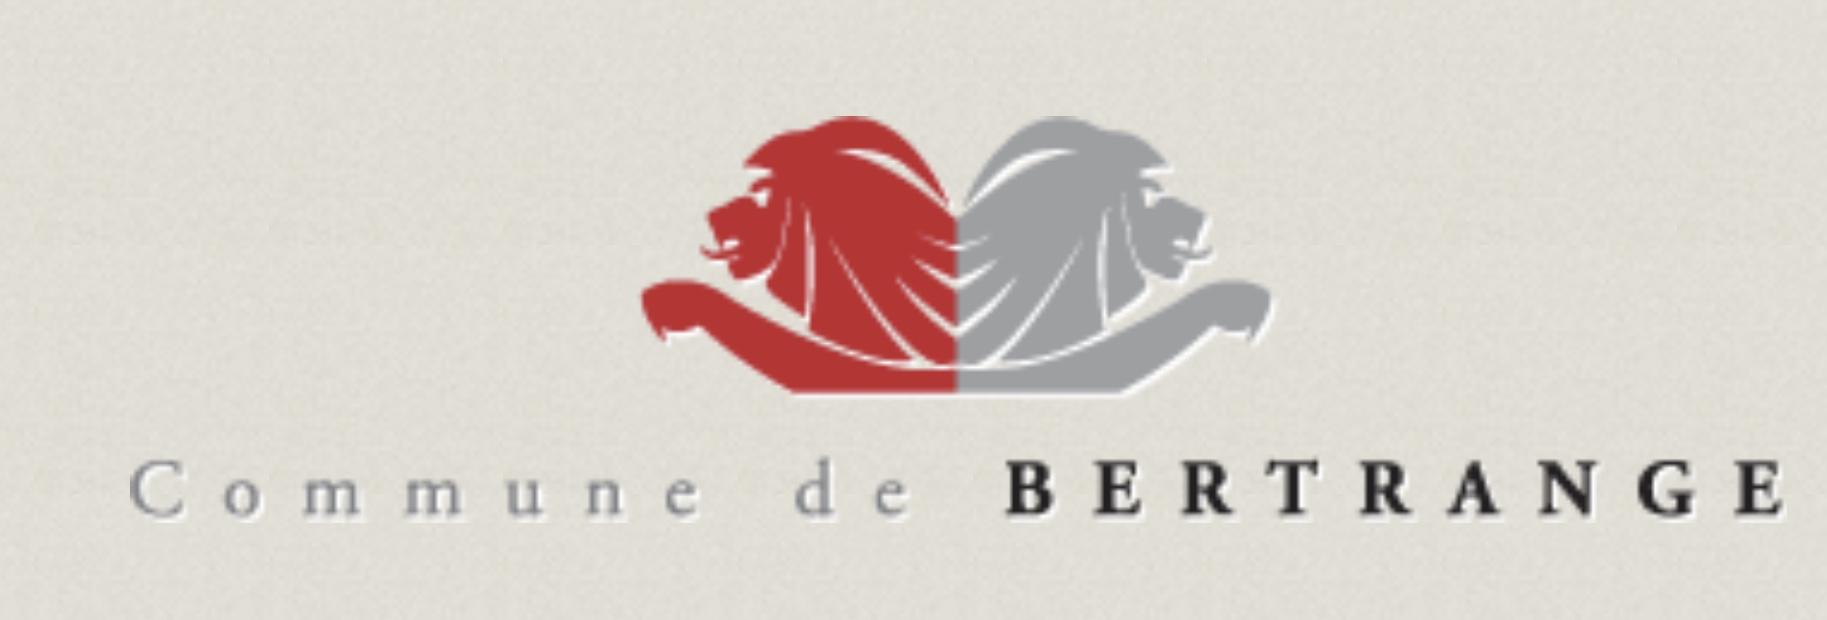 Communiqué vun der Gemeng Bartreng